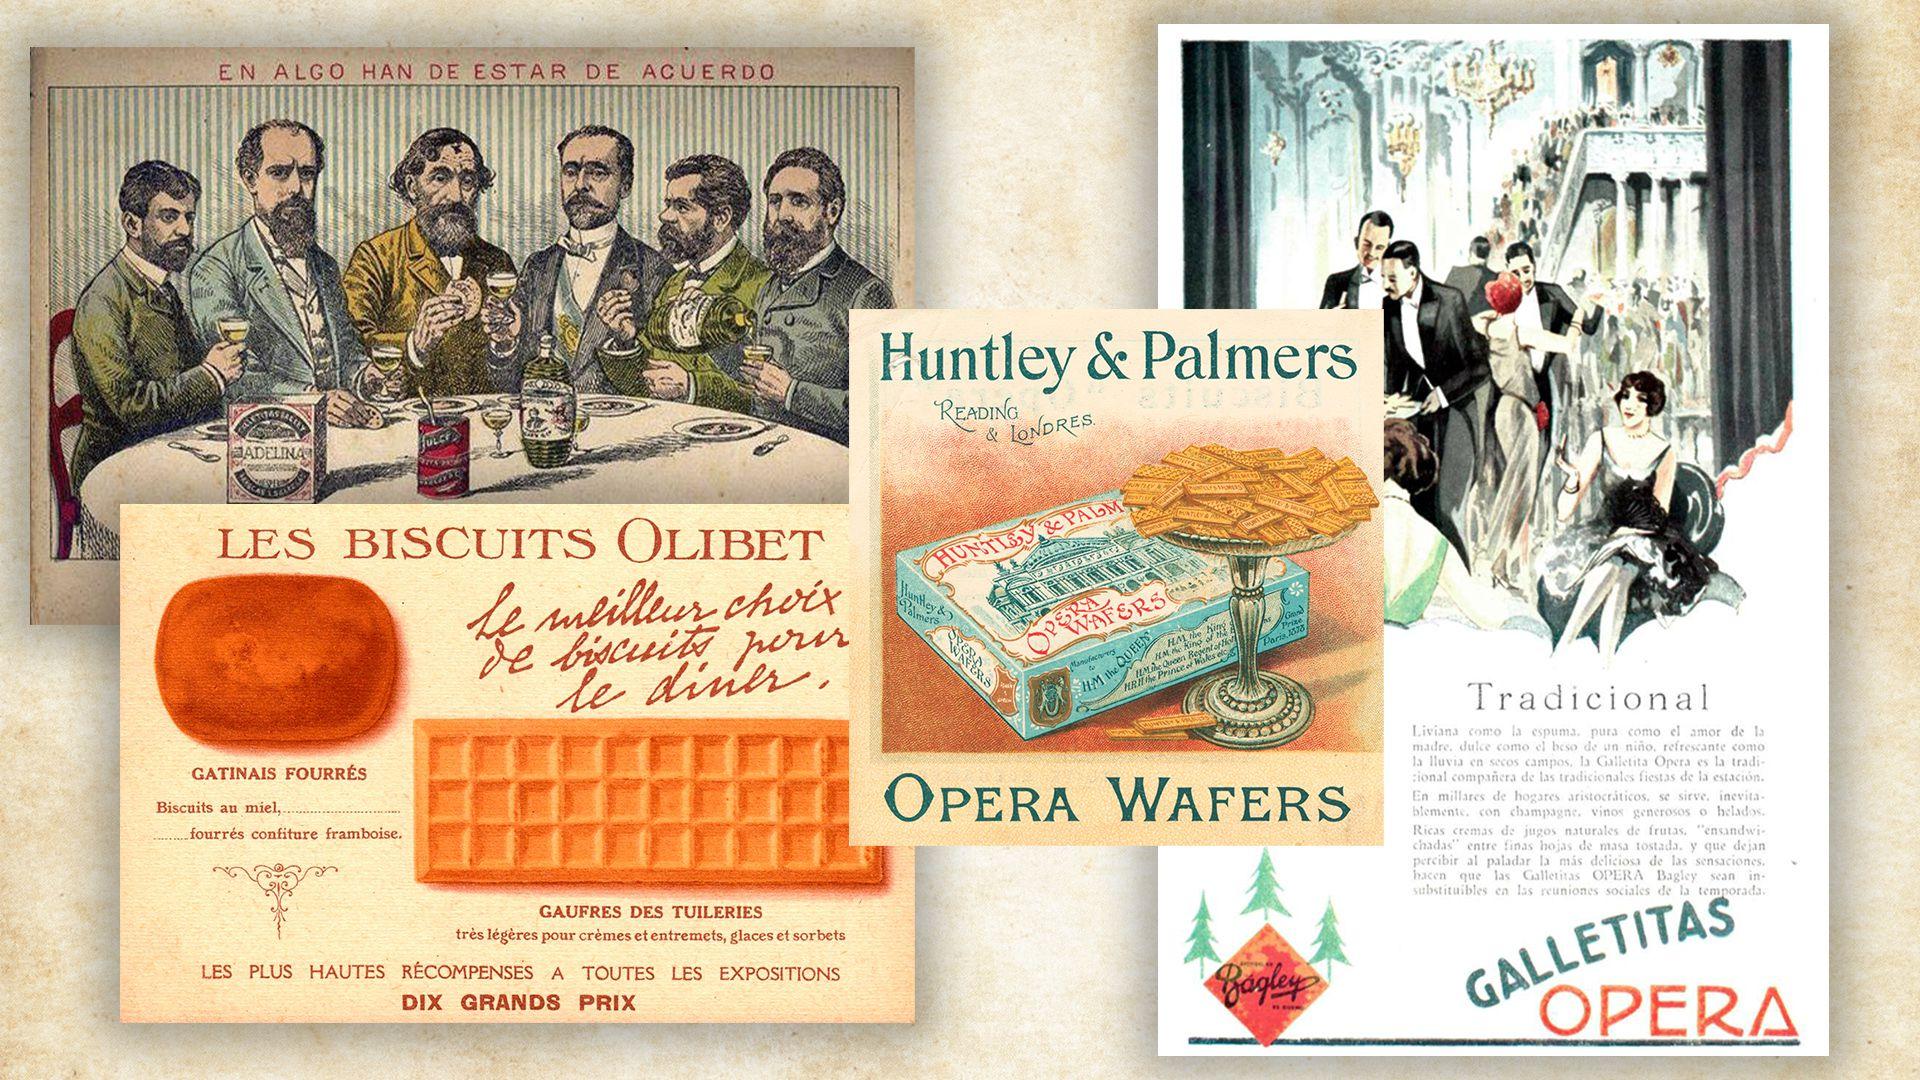 Collage Historia galletitas Opera